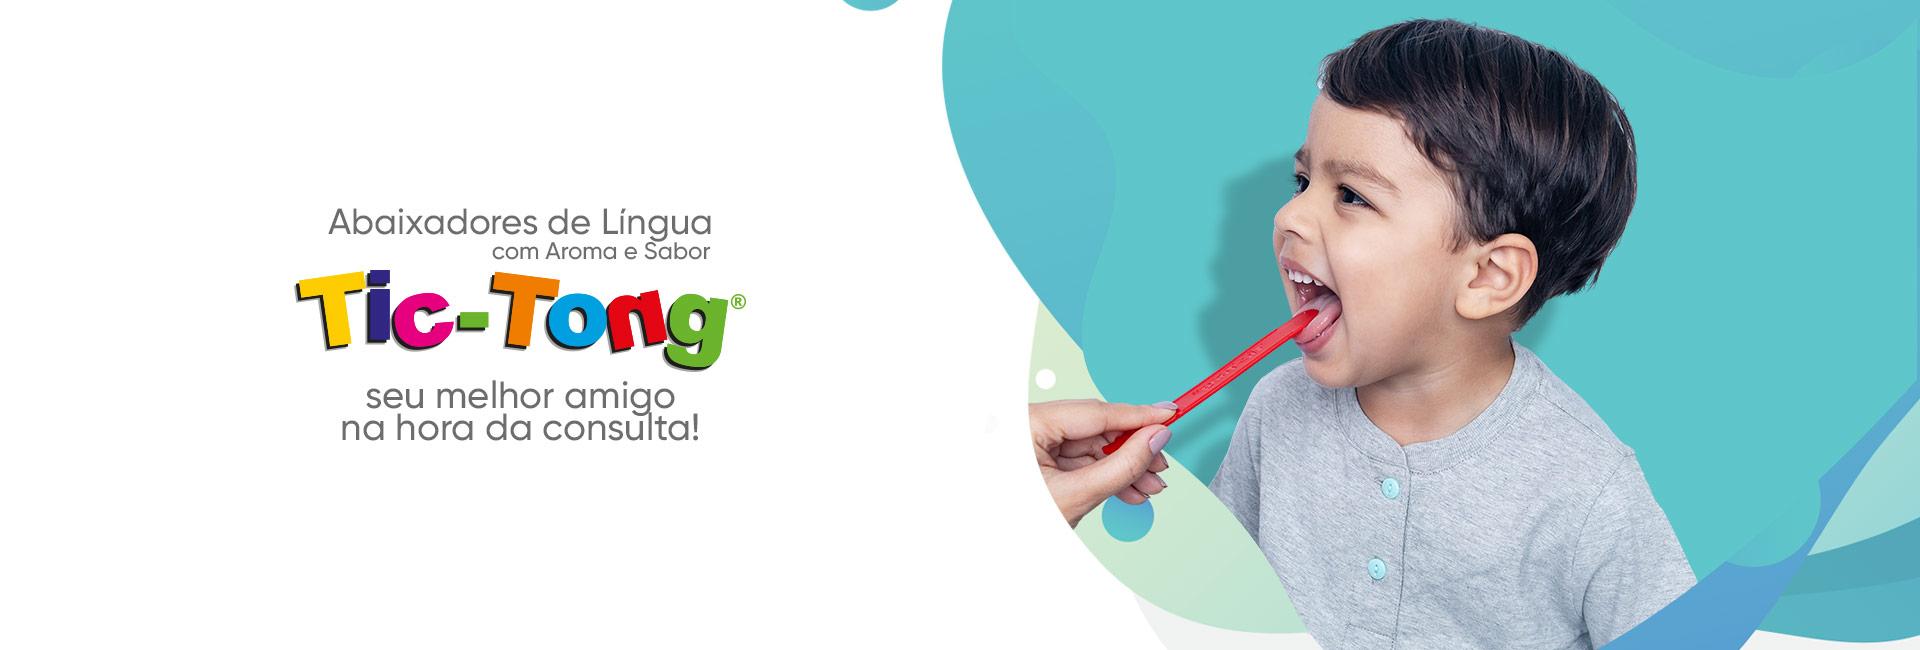 Tic-Tong®